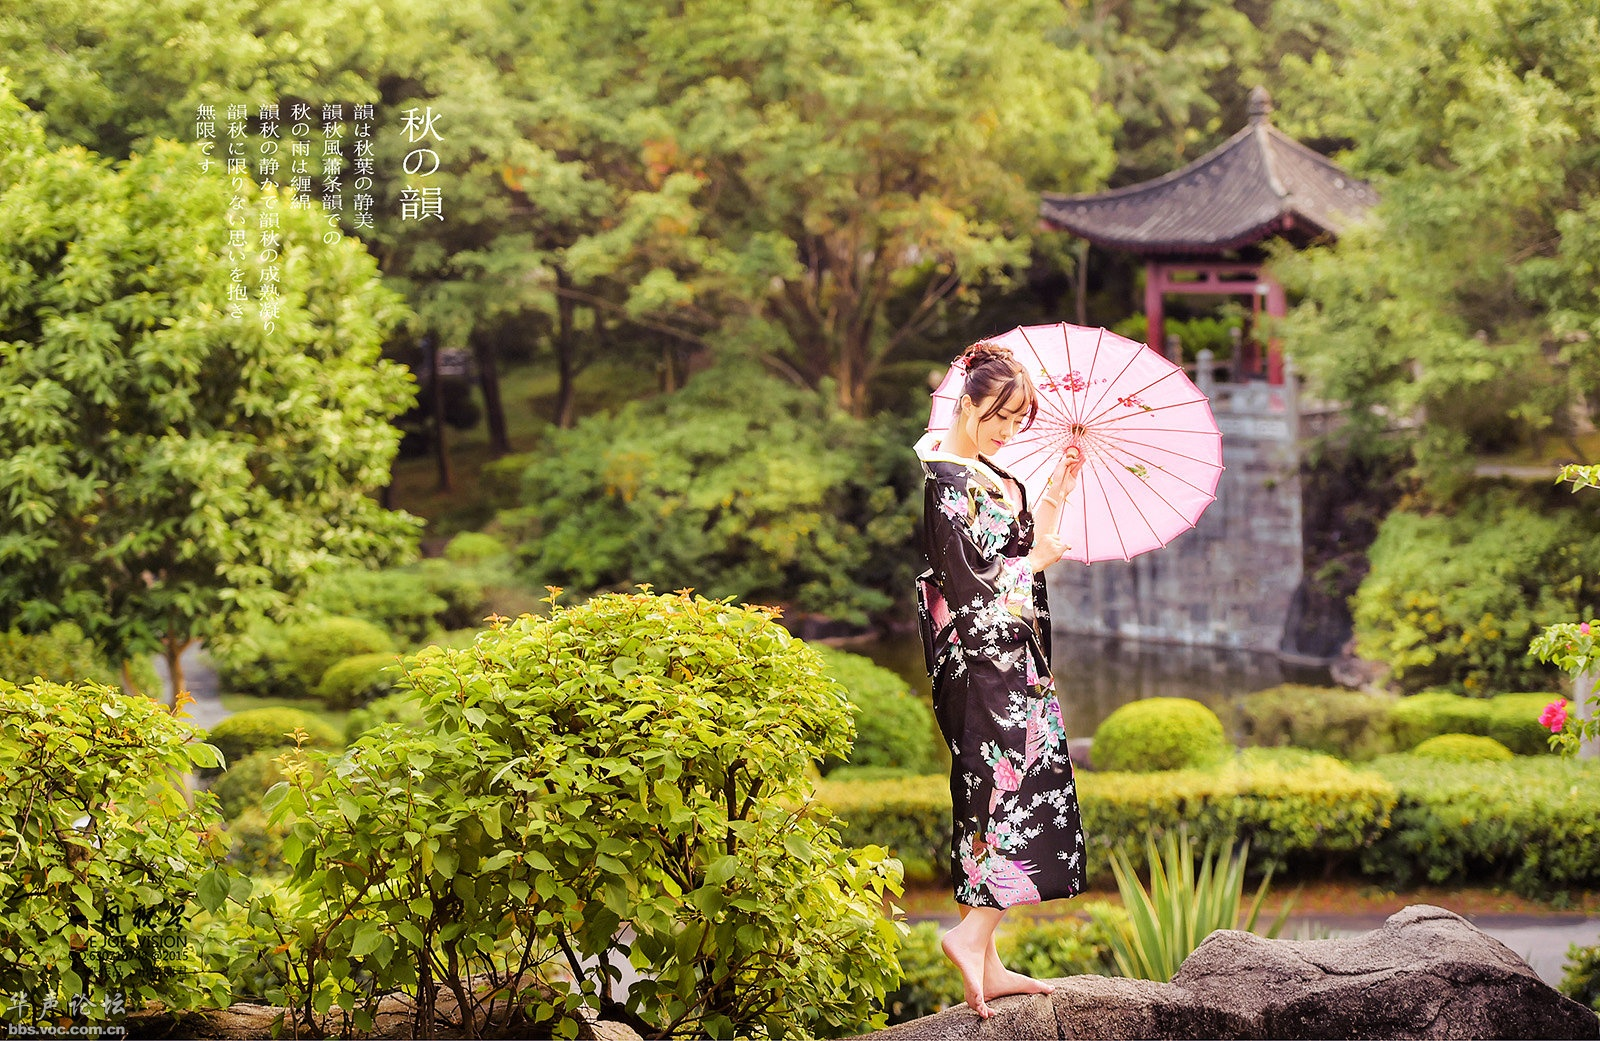 5466,秋韵(原创) - 春风化雨 - 诗人-春风化雨的博客